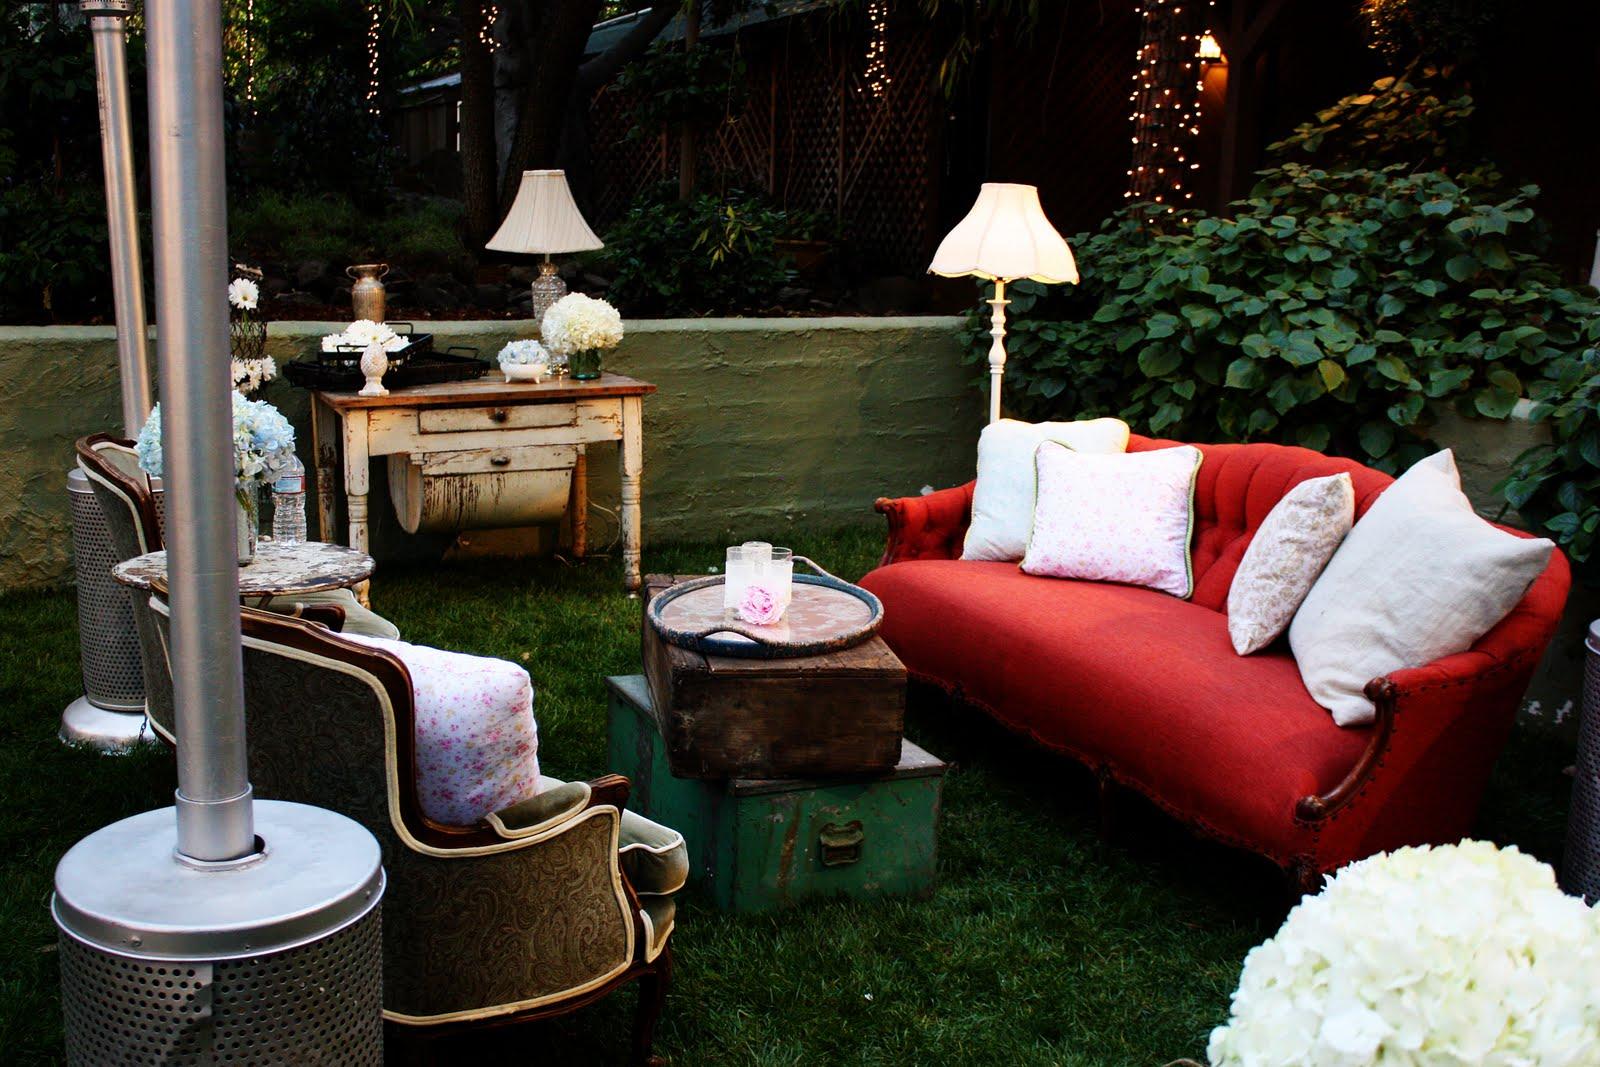 http://1.bp.blogspot.com/-uvPS1XFog8E/TbEwoB3ls9I/AAAAAAAADGw/gIufOU2M3ZE/s1600/Shabby+Chic+Wedding+-+lounge+area.jpg